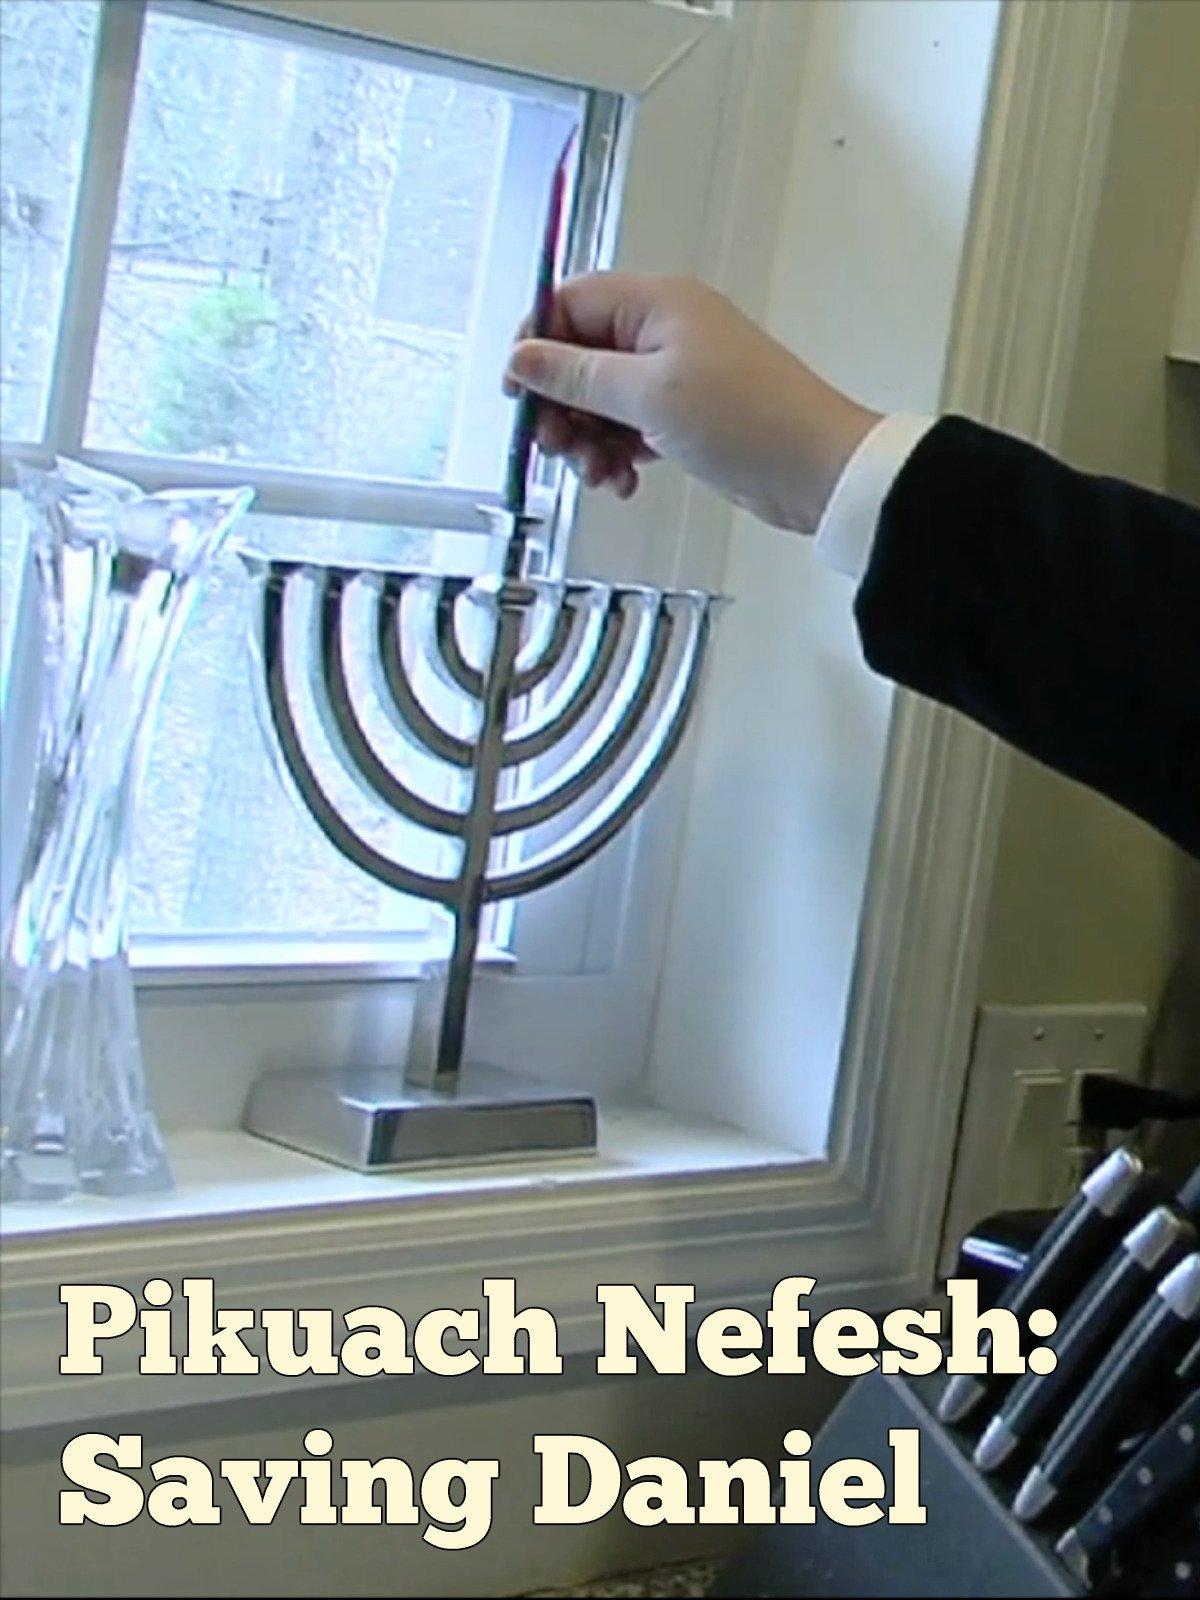 Pikuach Nefesh: Saving Daniel